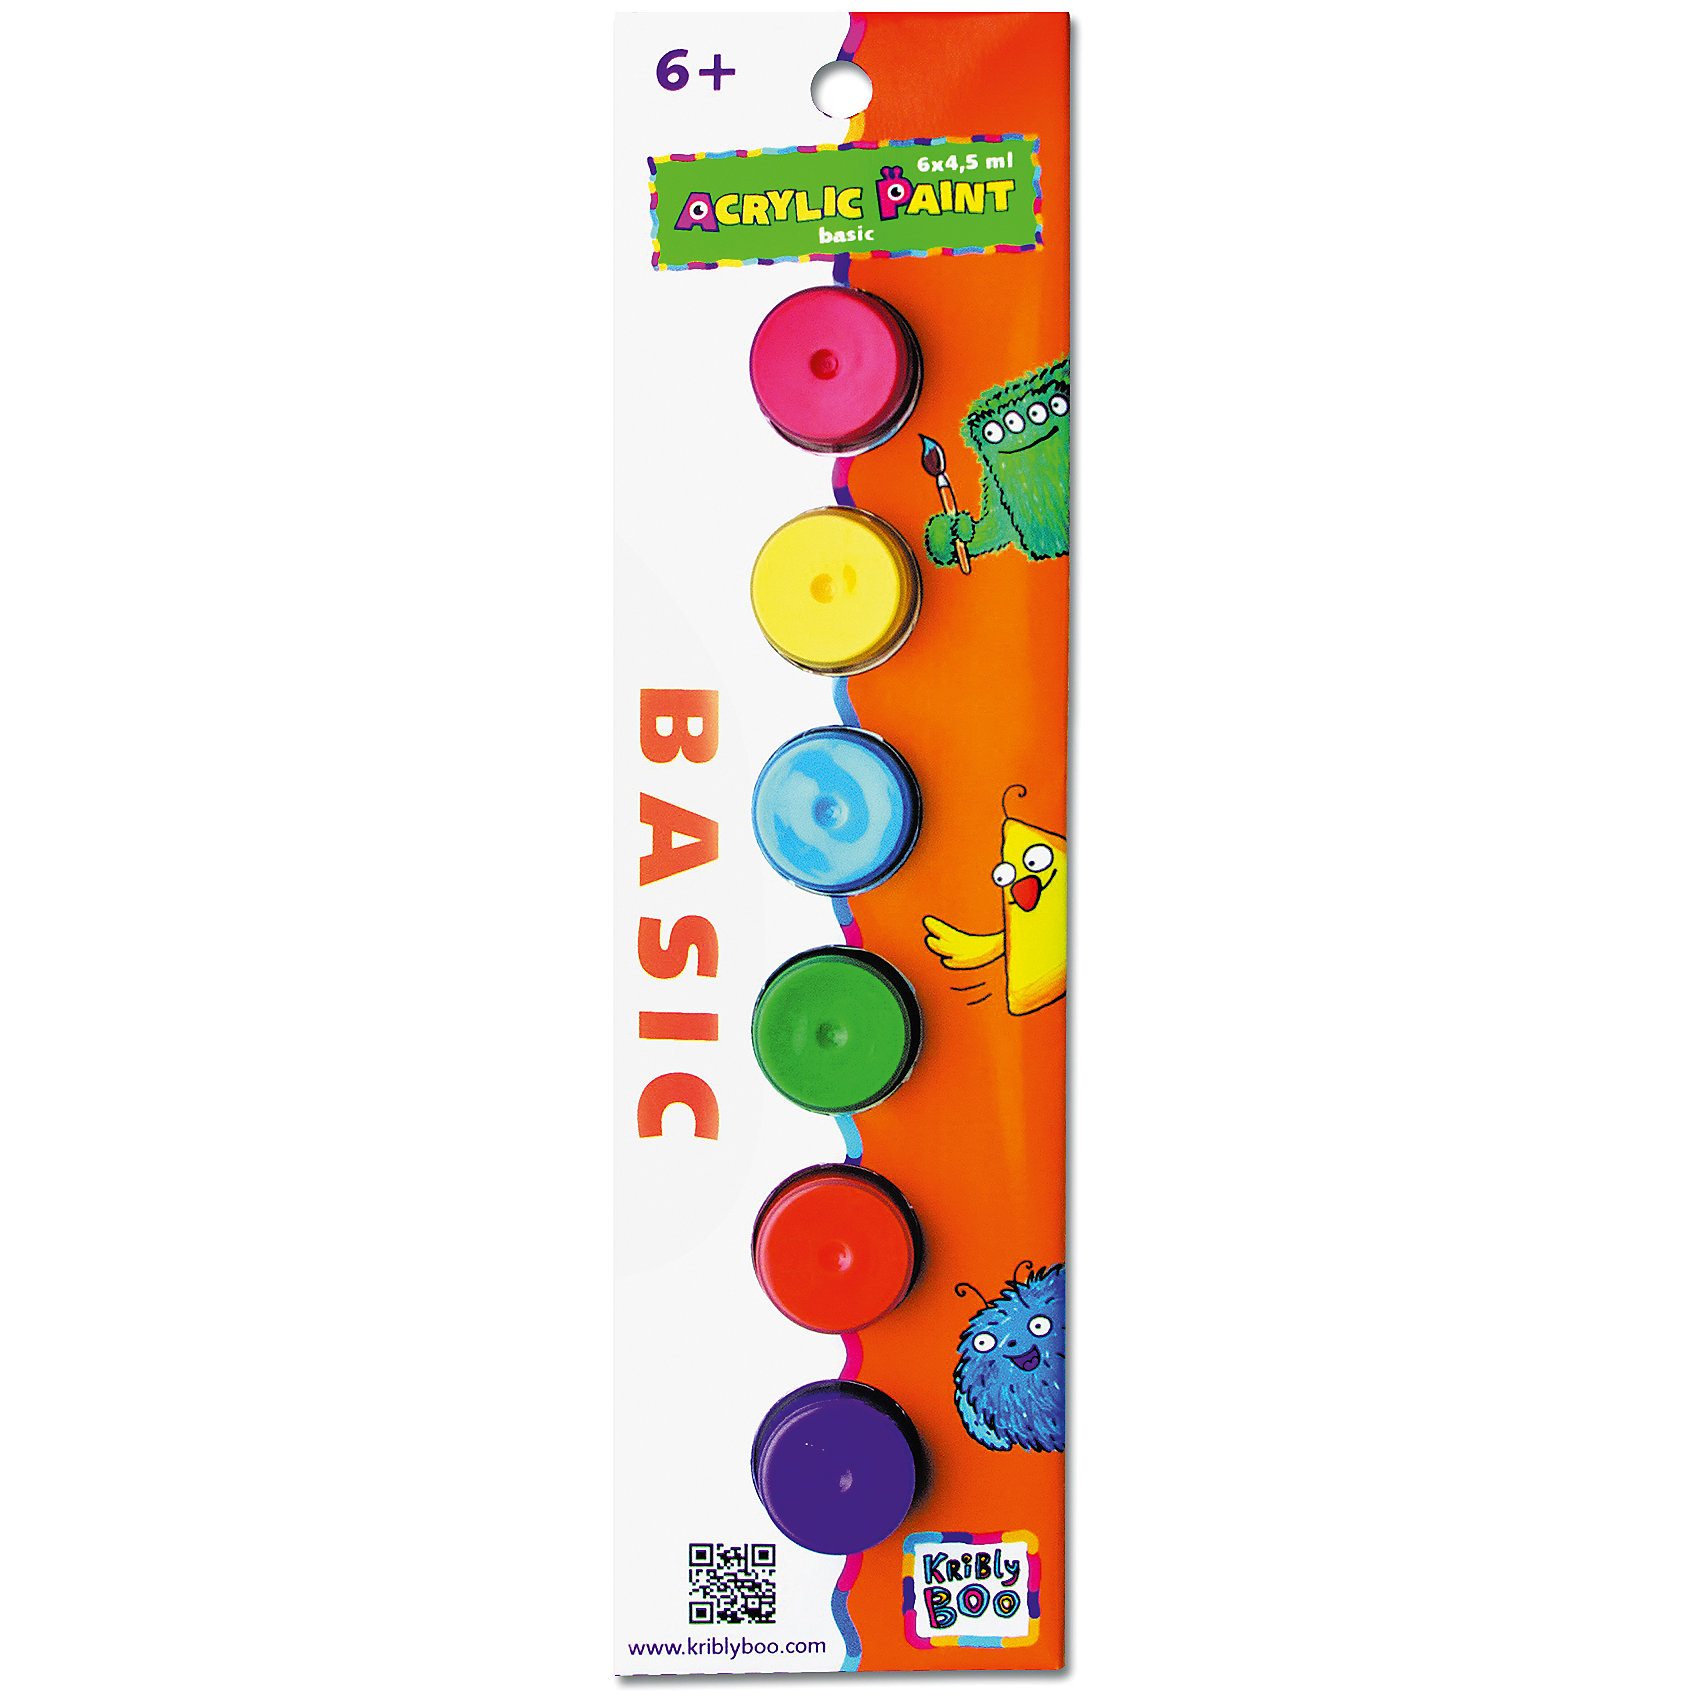 Набор акриловых красок с кисточкой, 6 цветовКраски и кисточки<br>Характеристики товара:<br><br>• цвет: разноцветный<br>• размер упаковки: 23x7x2 см<br>• вес: 70 г<br>• комплектация: 6 цветов, кисть<br>• объем 1 цвета: 4,5 мл<br>• возраст: от трех лет<br>• упаковка: картонная коробка<br>• страна бренда: Финляндия<br>• страна изготовитель: Китай<br><br>Творчество - это увлекательно и полезно! Такой набор станет отличным подарком ребенку - ведь с помощью акриловых красок рисовать удобно и весело! В набор входят шесть базовых цветов и кисть. Рисовать ими можно как на бумаге, так и на других поверхностях. Акриловые краски подходят для раскрашивания скульптур.<br>Детям очень нравится что-то делать своими руками! Кроме того, творчество помогает детям развивать важные навыки и способности, оно активизирует мышление, формирует усидчивость, творческие способности, мелкую моторику и воображение. Изделие производится из качественных и проверенных материалов, которые безопасны для детей.<br><br>Набор акриловых красок с кисточкой 6х 4,5 мл от бренда KriBly Boo можно купить в нашем интернет-магазине.<br><br>Ширина мм: 240<br>Глубина мм: 70<br>Высота мм: 30<br>Вес г: 67<br>Возраст от месяцев: 36<br>Возраст до месяцев: 2147483647<br>Пол: Унисекс<br>Возраст: Детский<br>SKU: 4563997